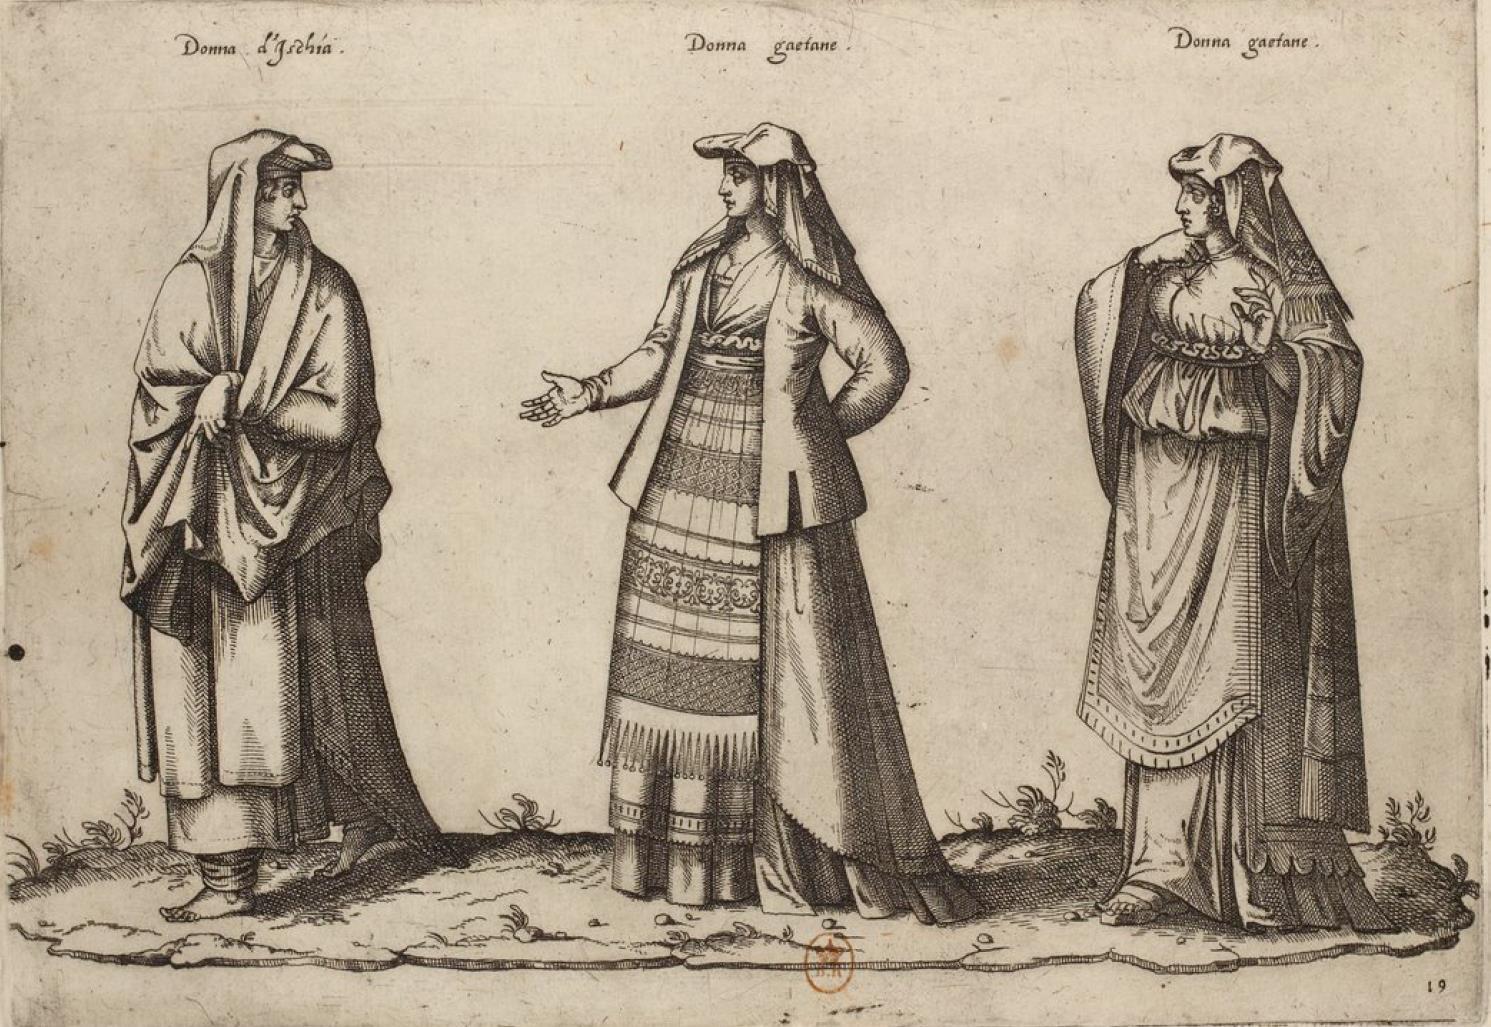 Женщины с острова Искья и города Гаэта